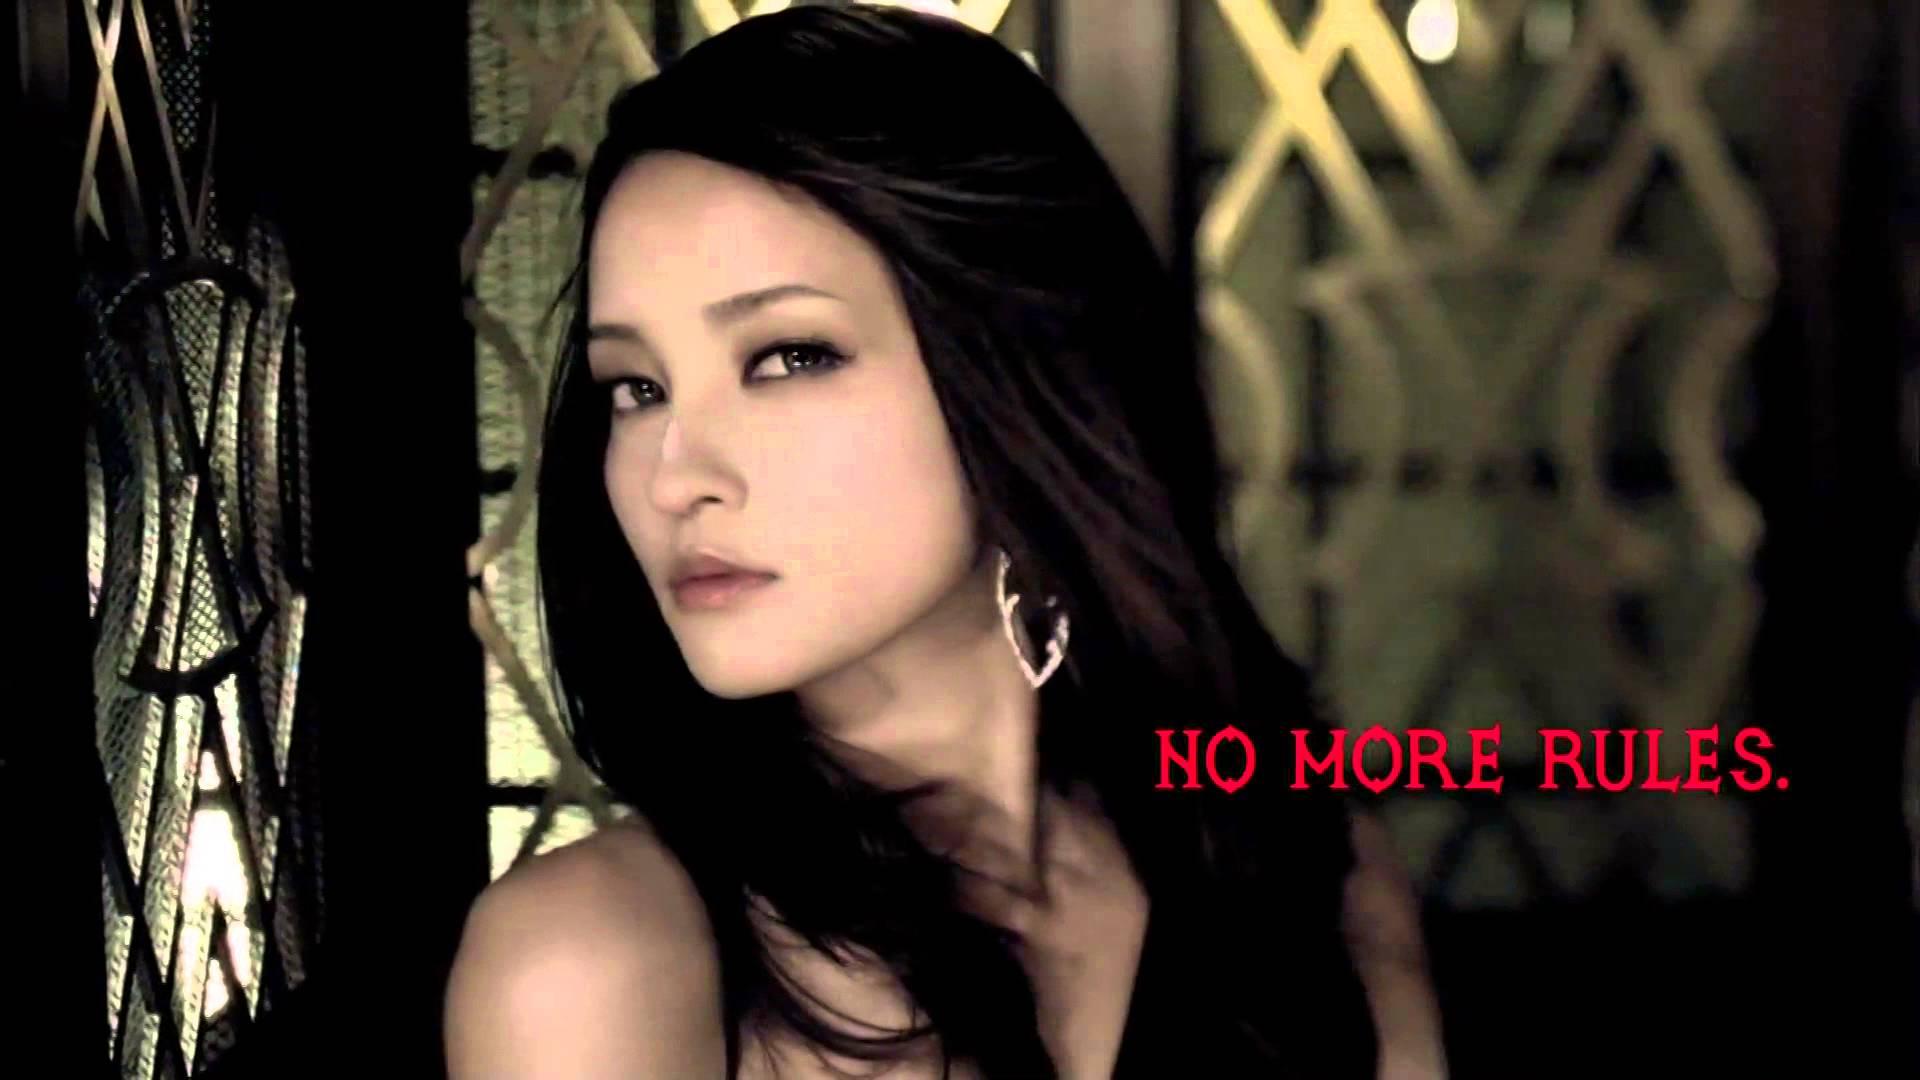 【プチプラ】カネボウ・ケイトのフェイスパウダーは優秀??のサムネイル画像